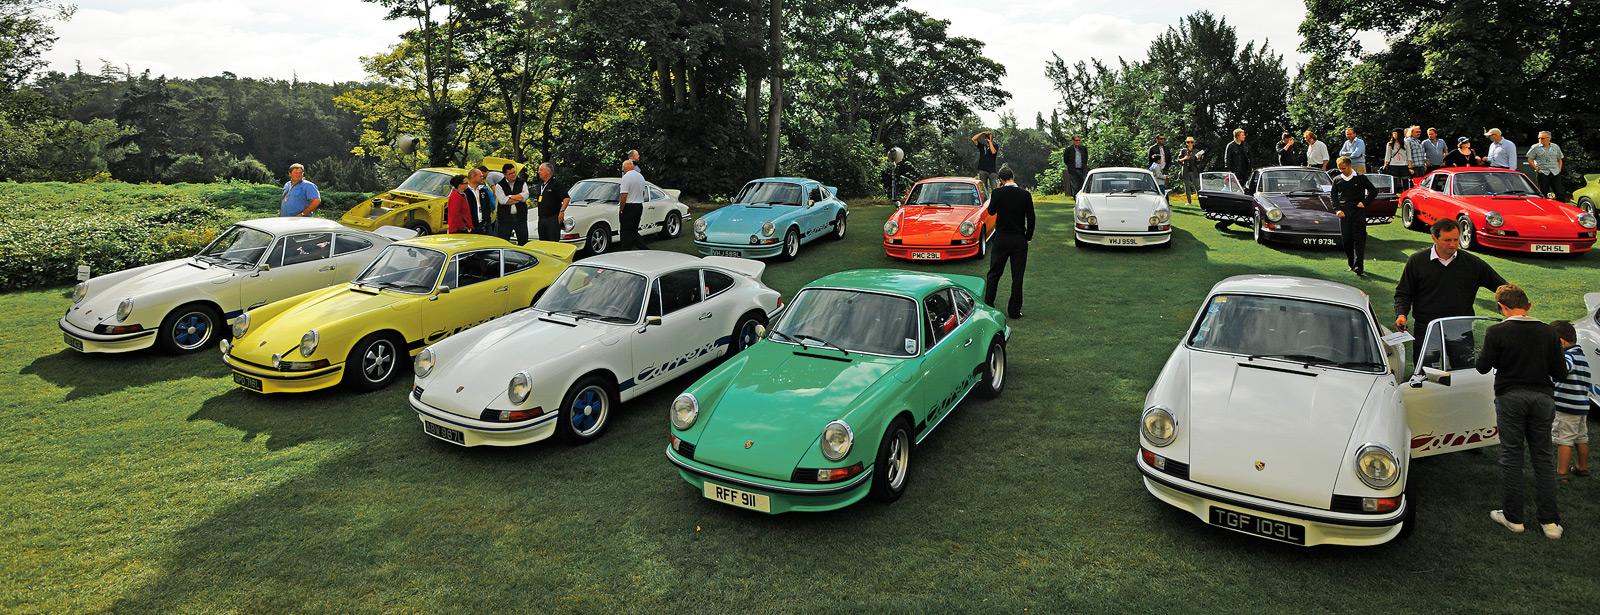 Kansainvälinen Porsche Club toiminta